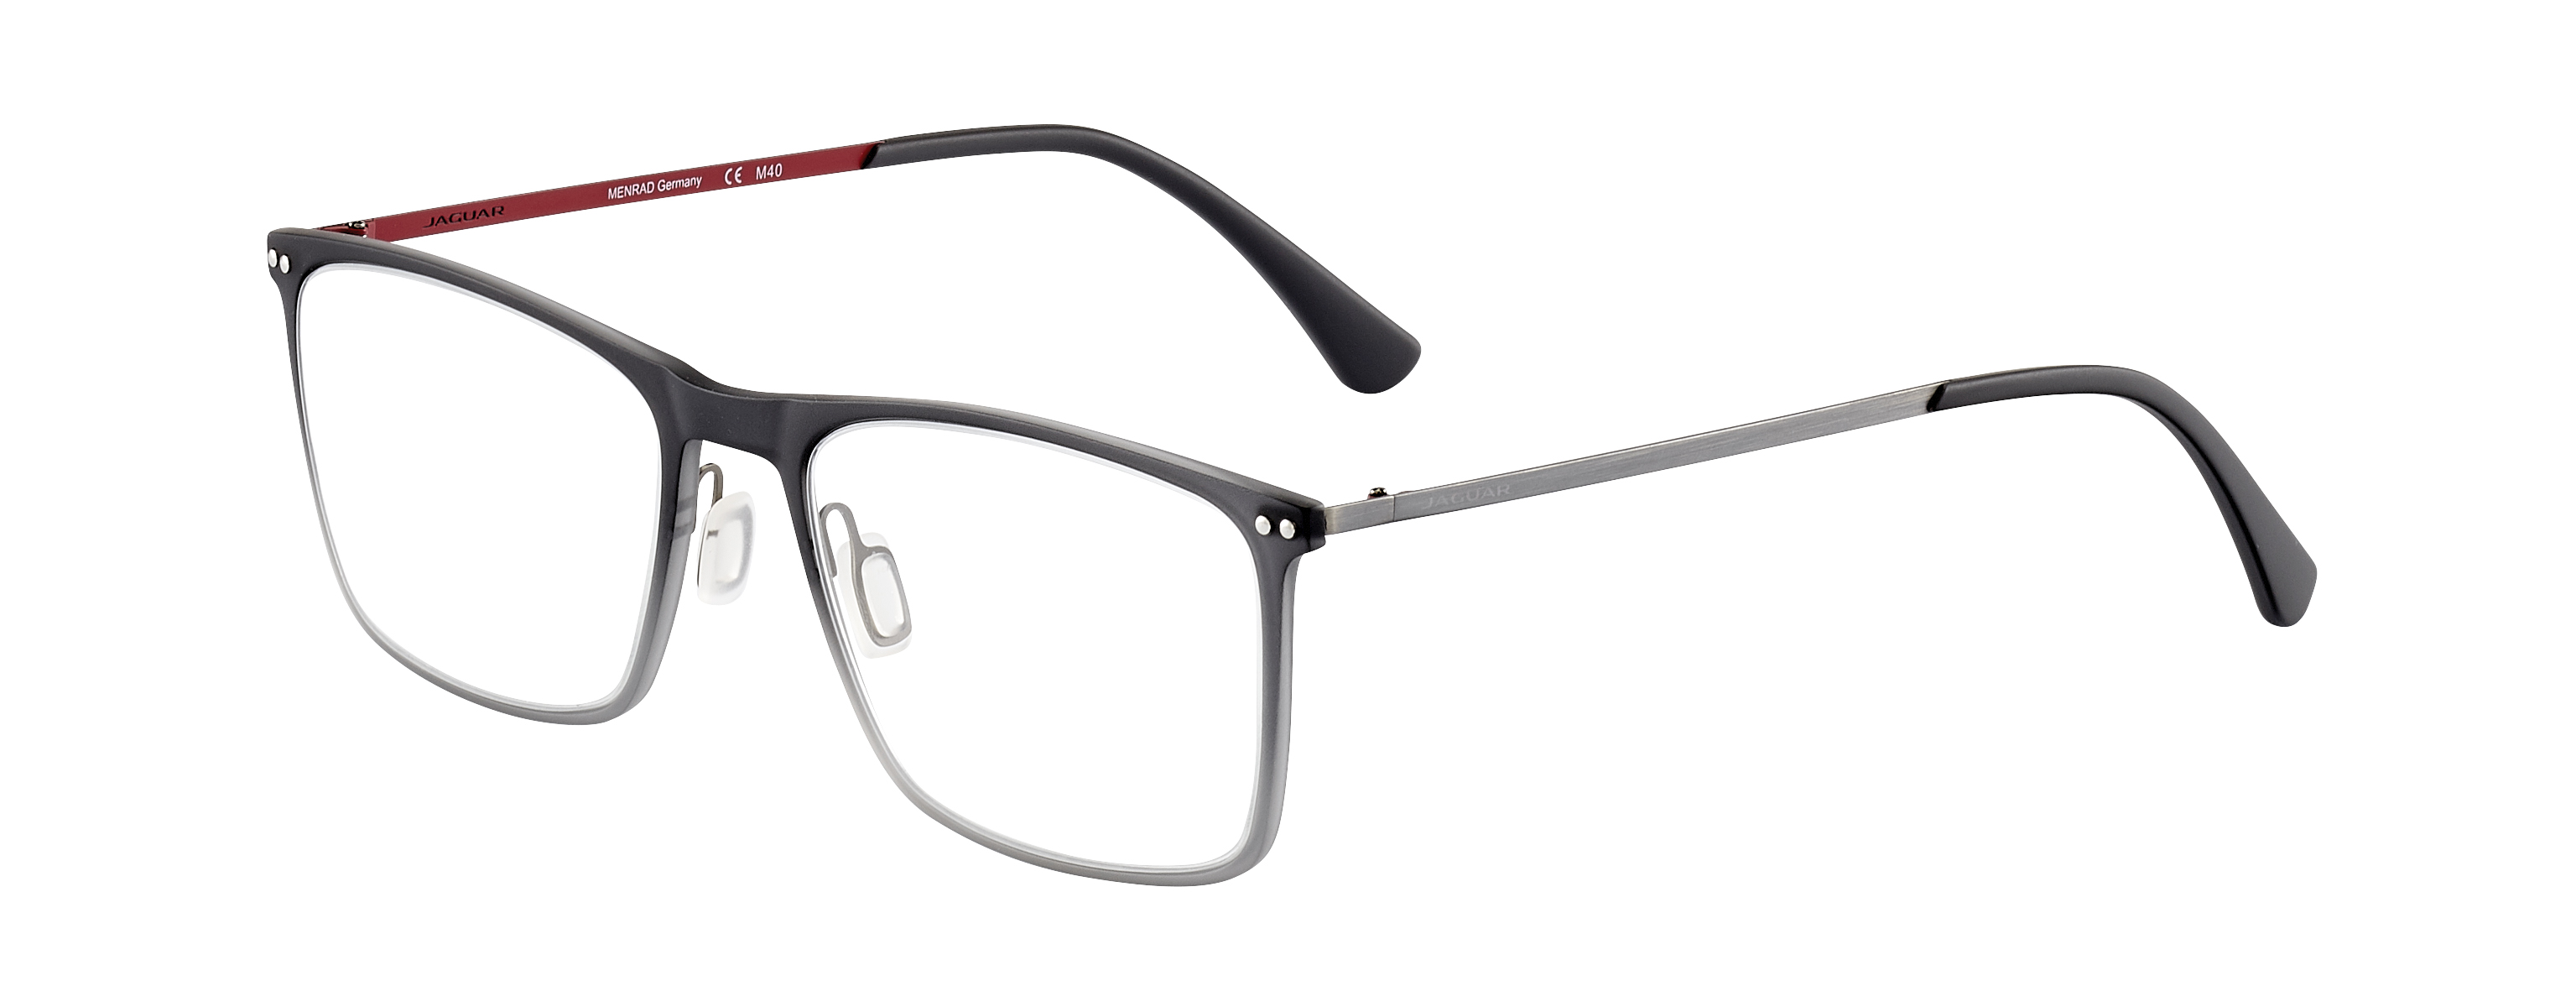 szemüveg katalógus látás és szívvizsgálatok